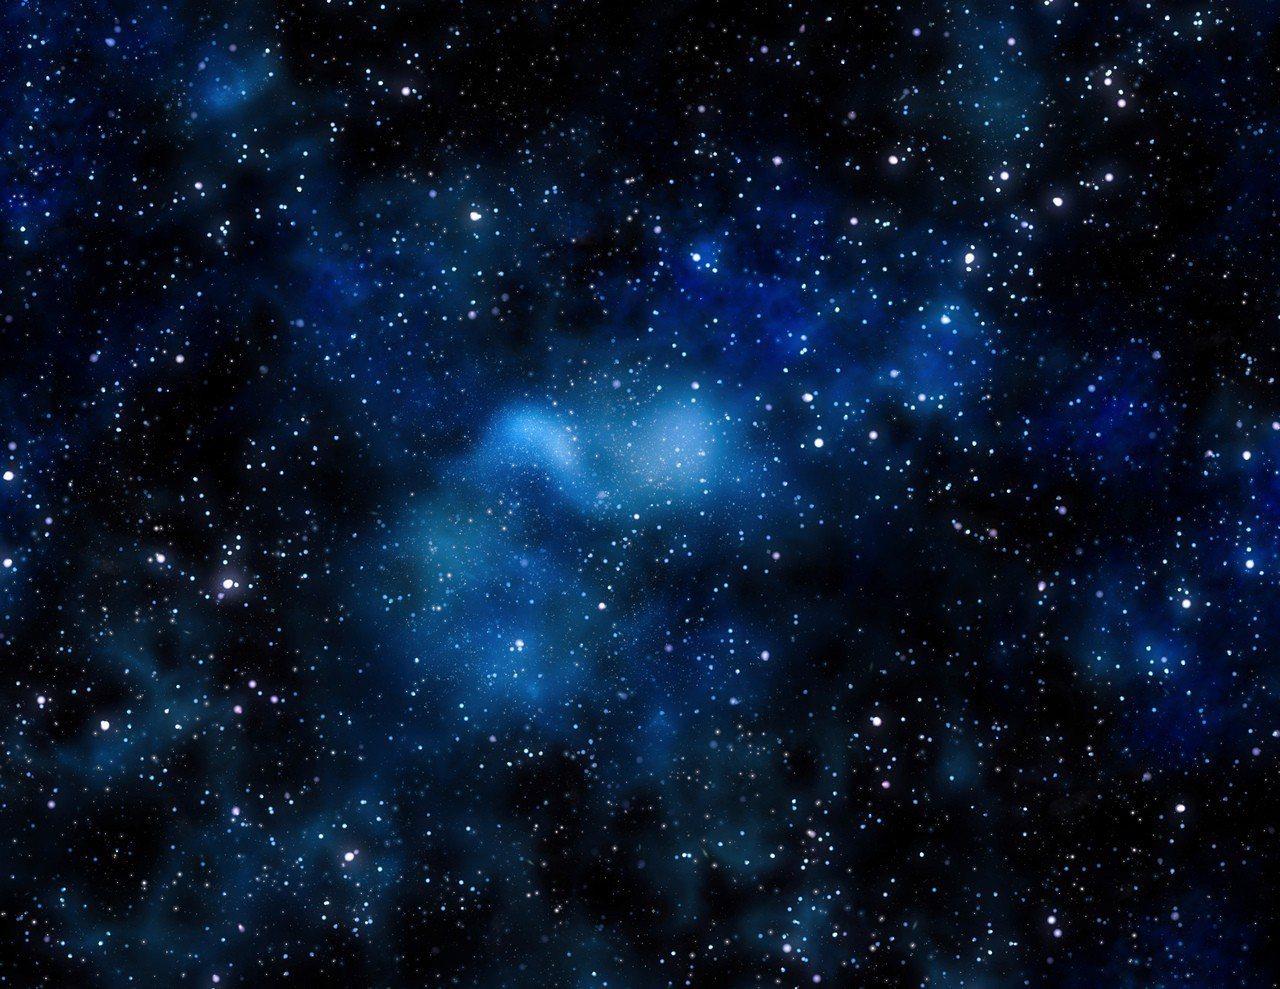 示意圖。天文學家今天宣布,學界首次發現已知唯一沒有暗物質的星系。學界先前認為1/...